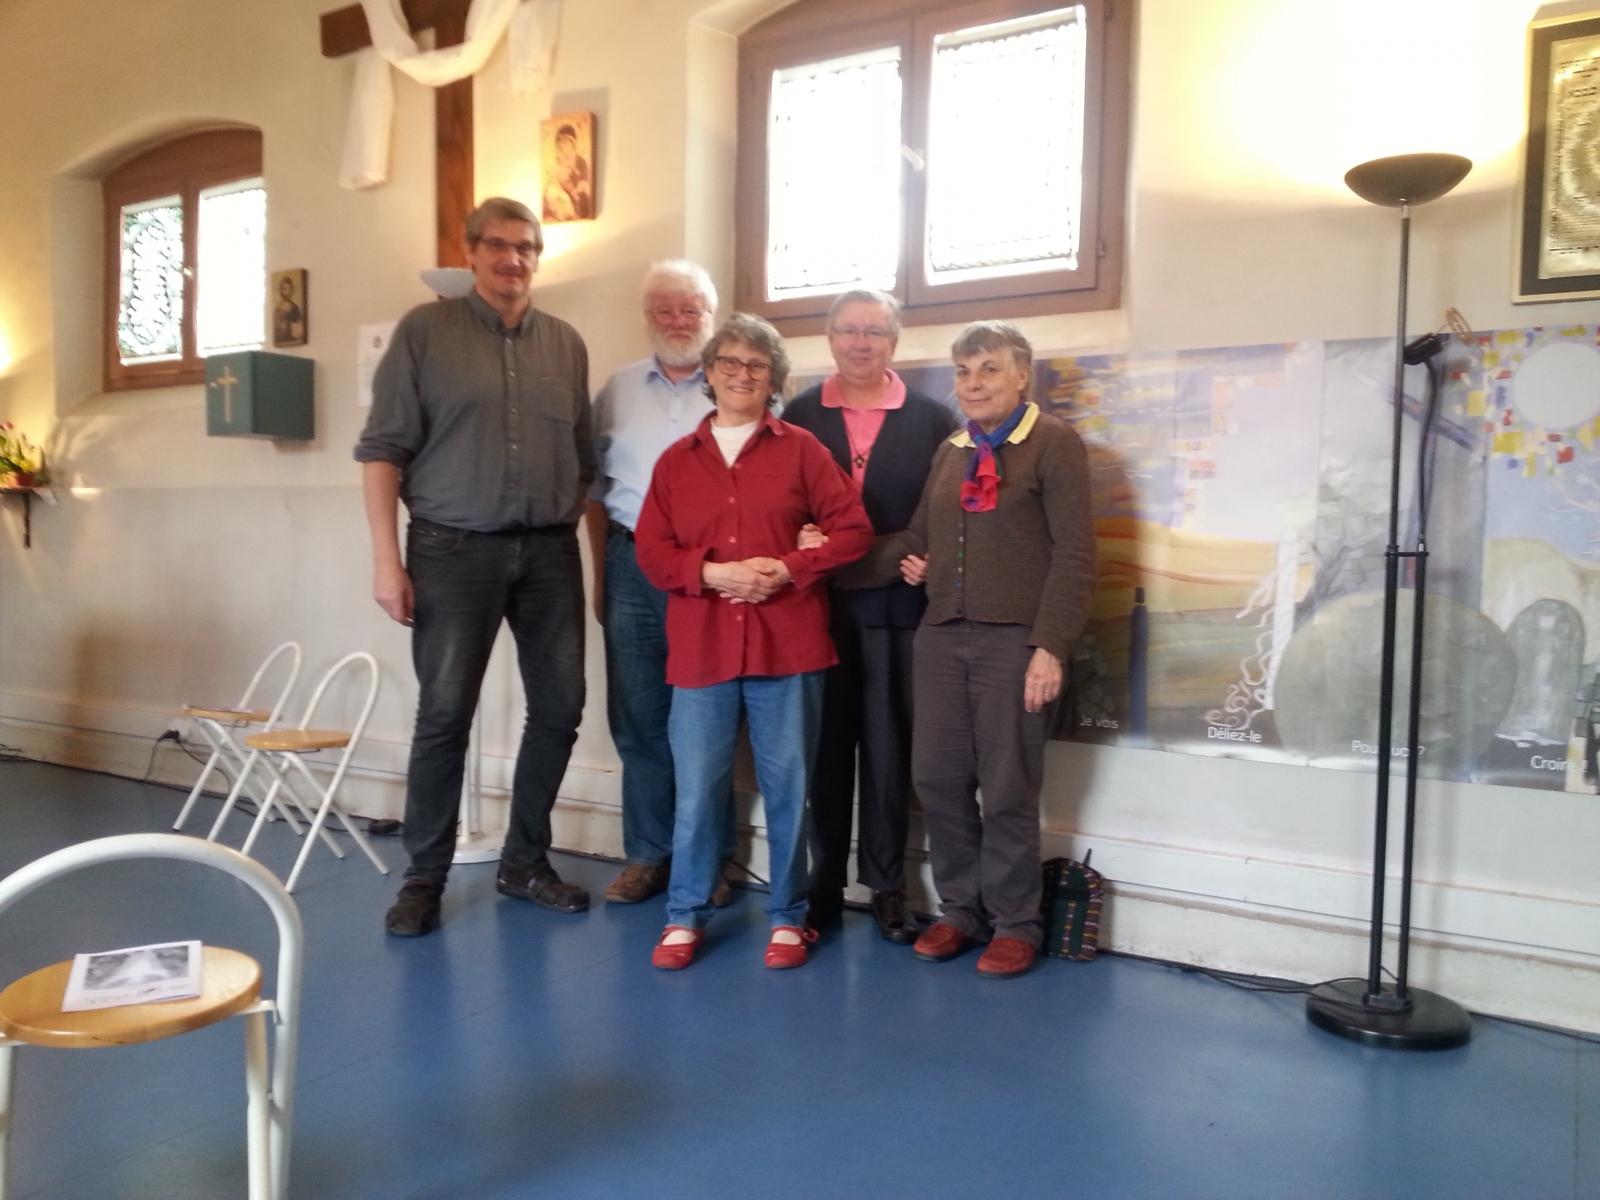 Kl. Sr. Franca mit dem Team der Gefängnisseelsorge in Mulhouse